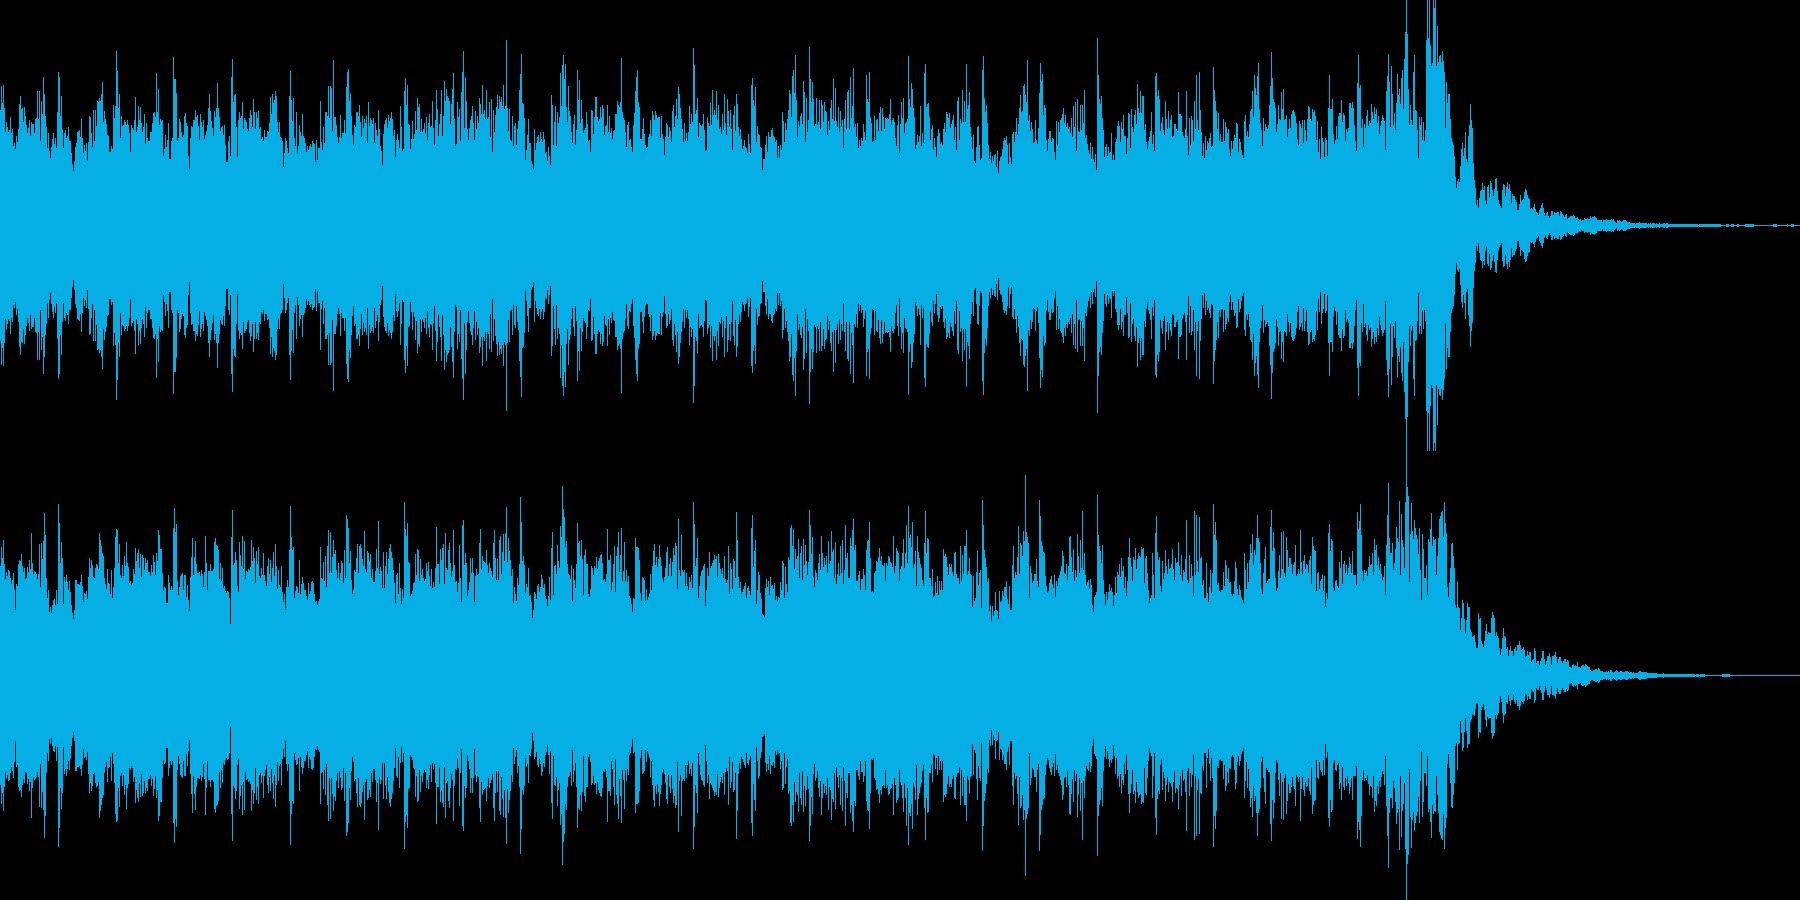 わくわくするポップス風BGMの再生済みの波形